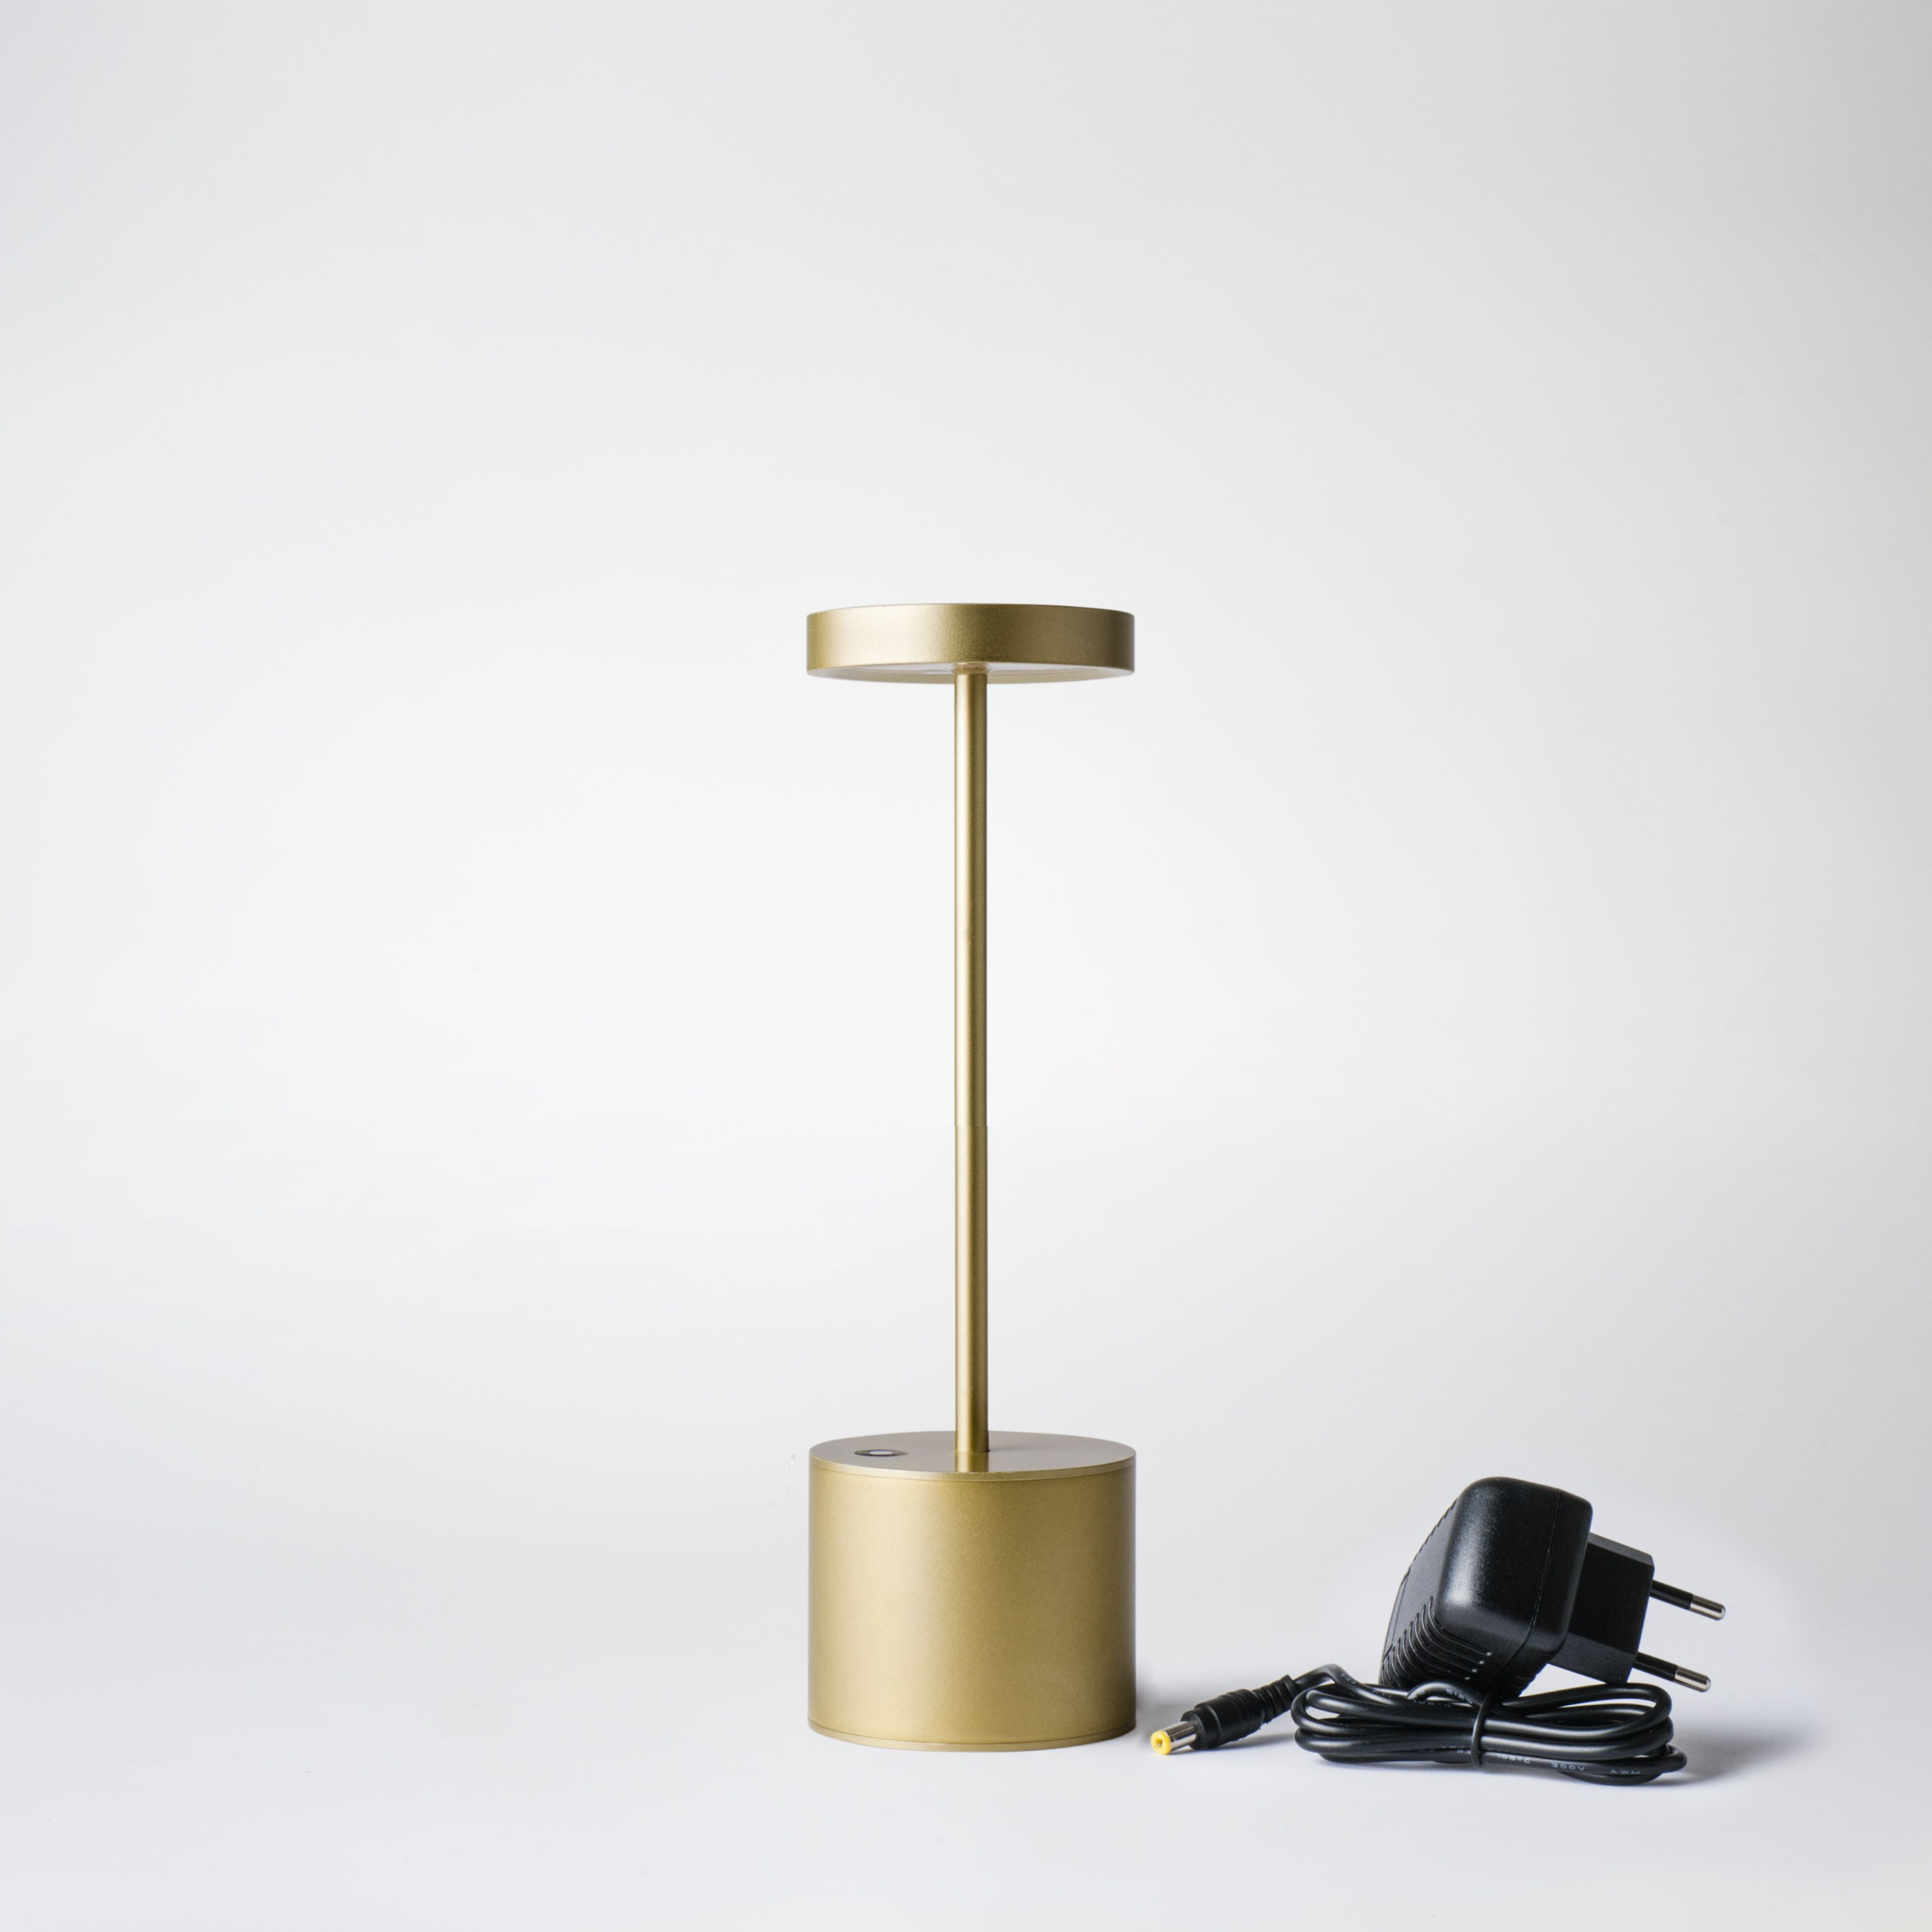 la luxciole est la plus puissante des lampes led autonomes une seule lampe suffit pour clairer. Black Bedroom Furniture Sets. Home Design Ideas